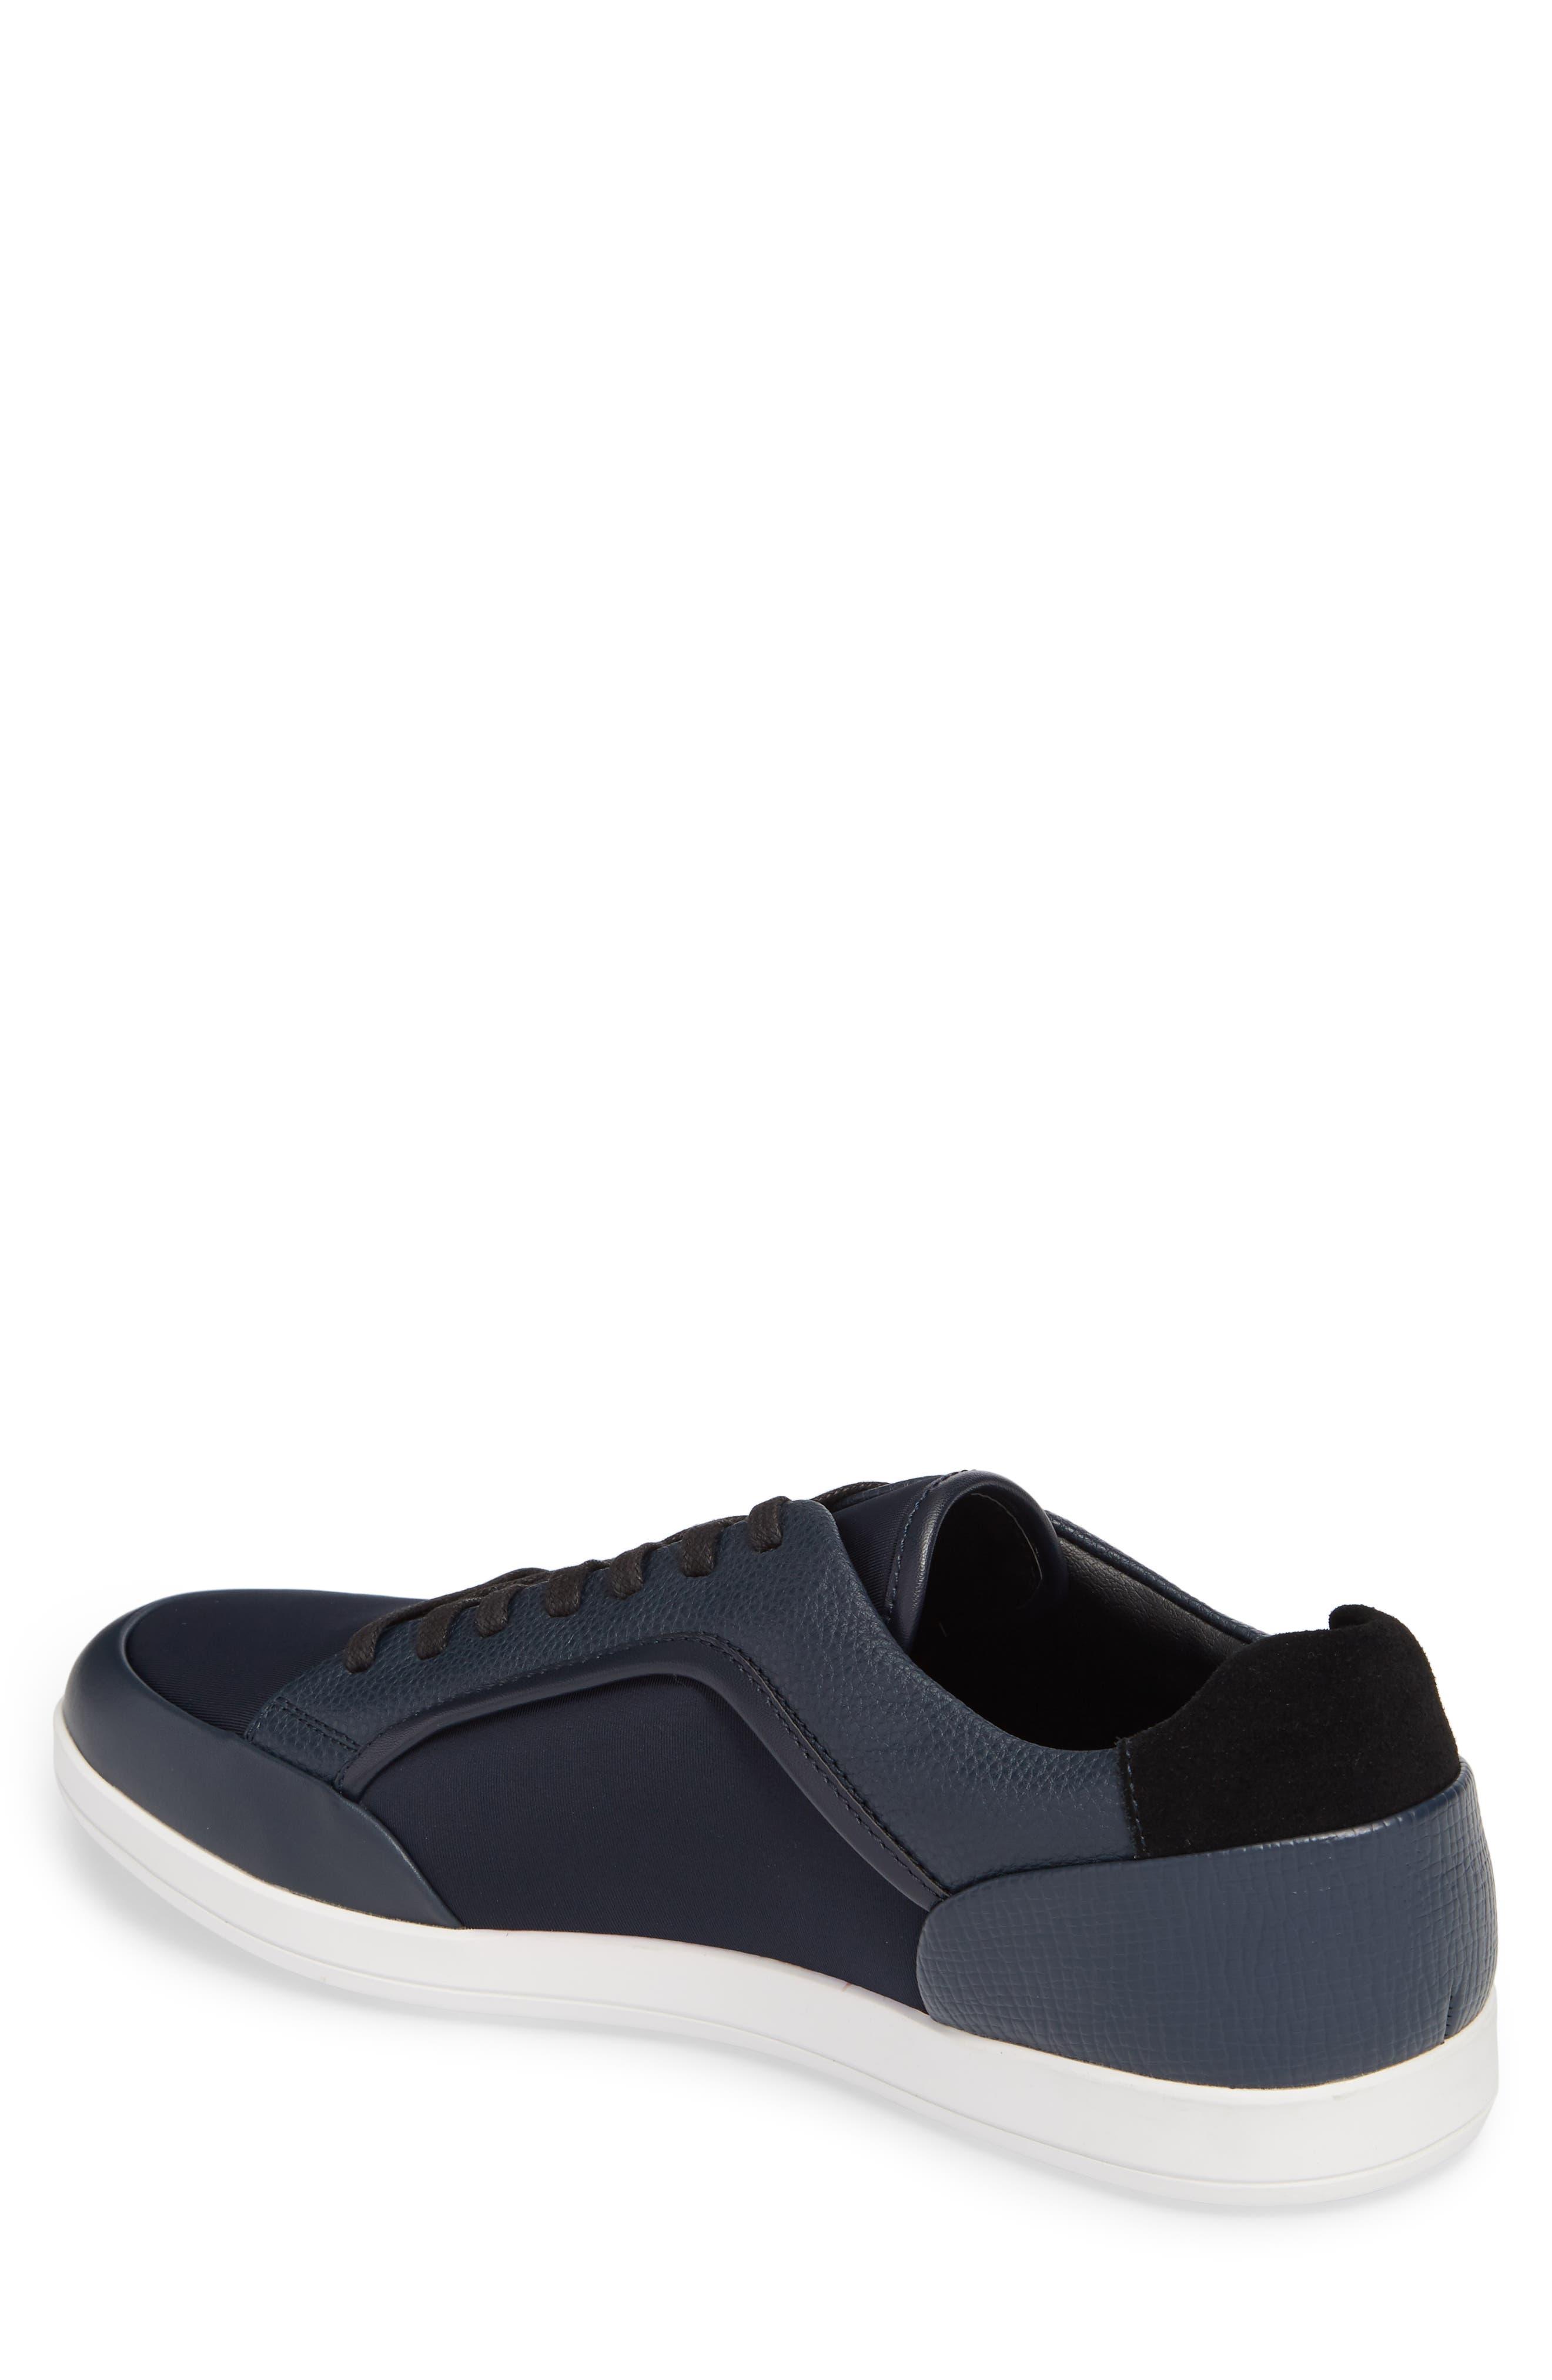 Masen Sneaker,                             Alternate thumbnail 9, color,